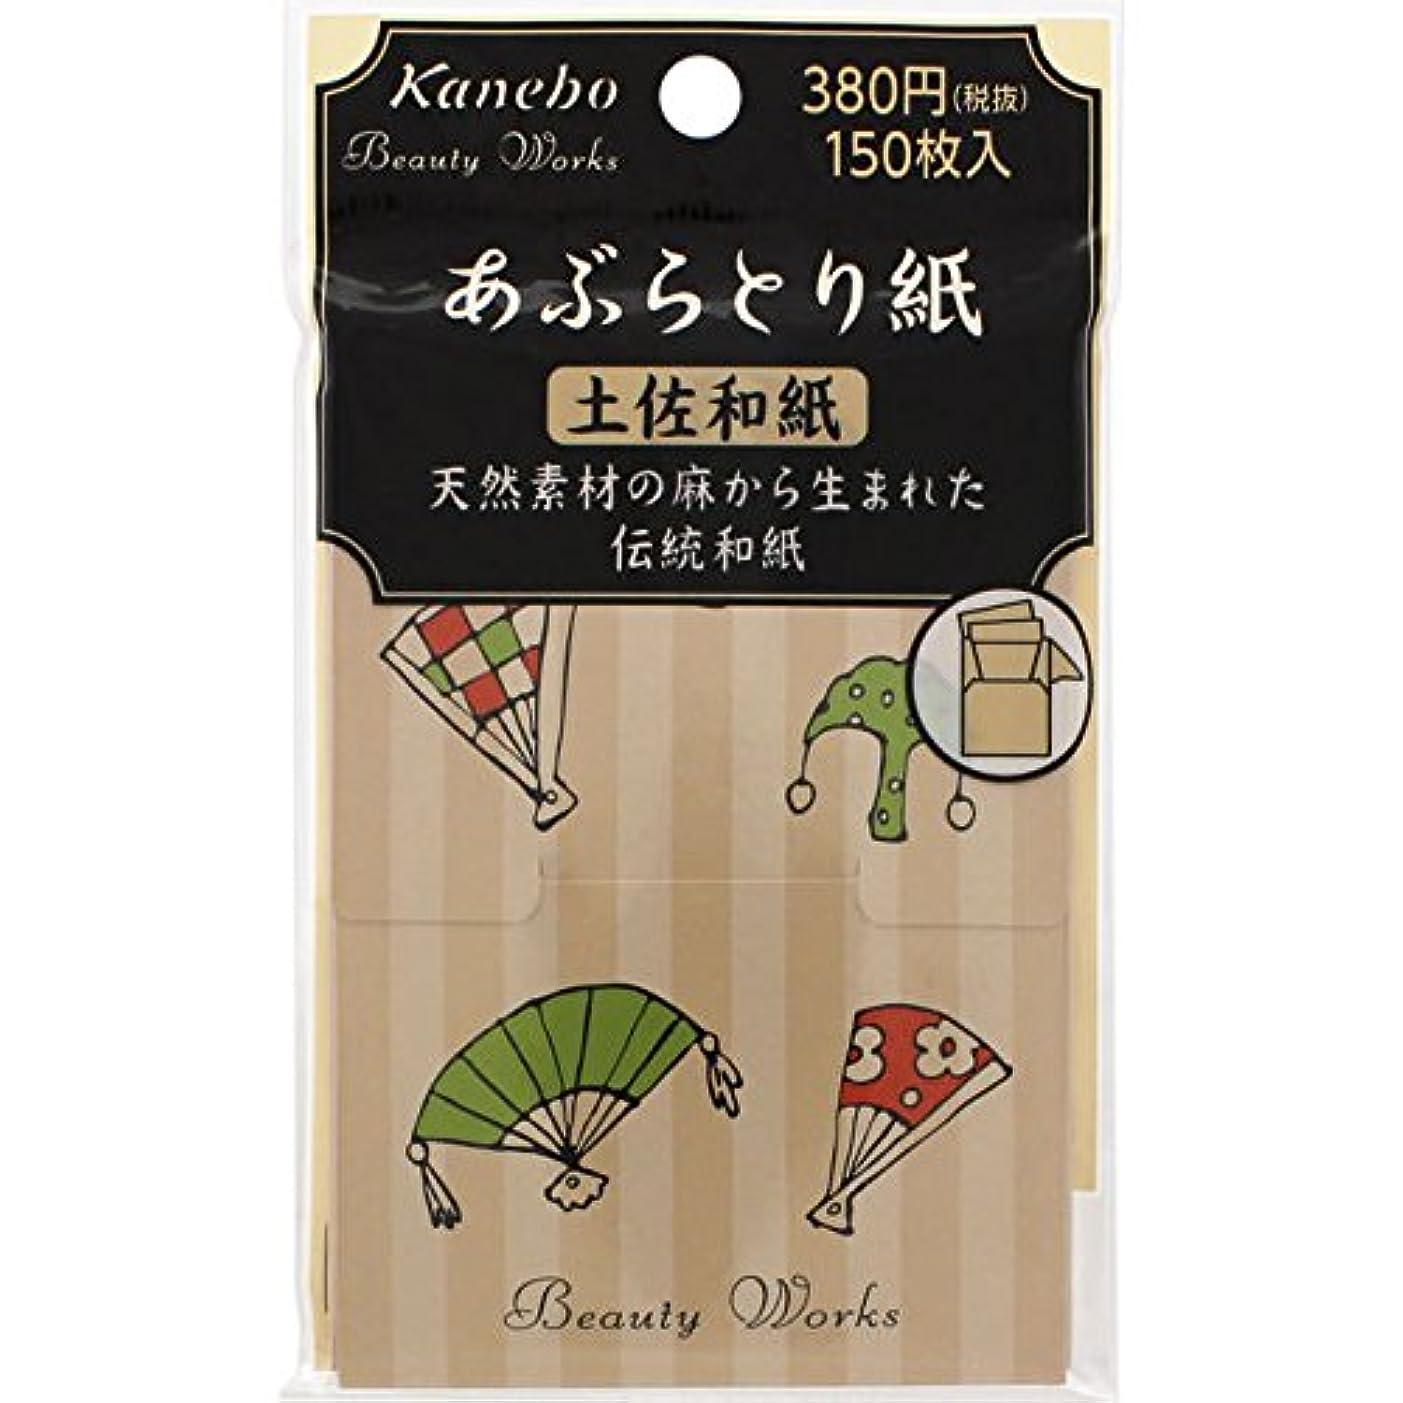 【カネボウ】ビューティワークス あぶらとり紙(土佐和紙) 150枚